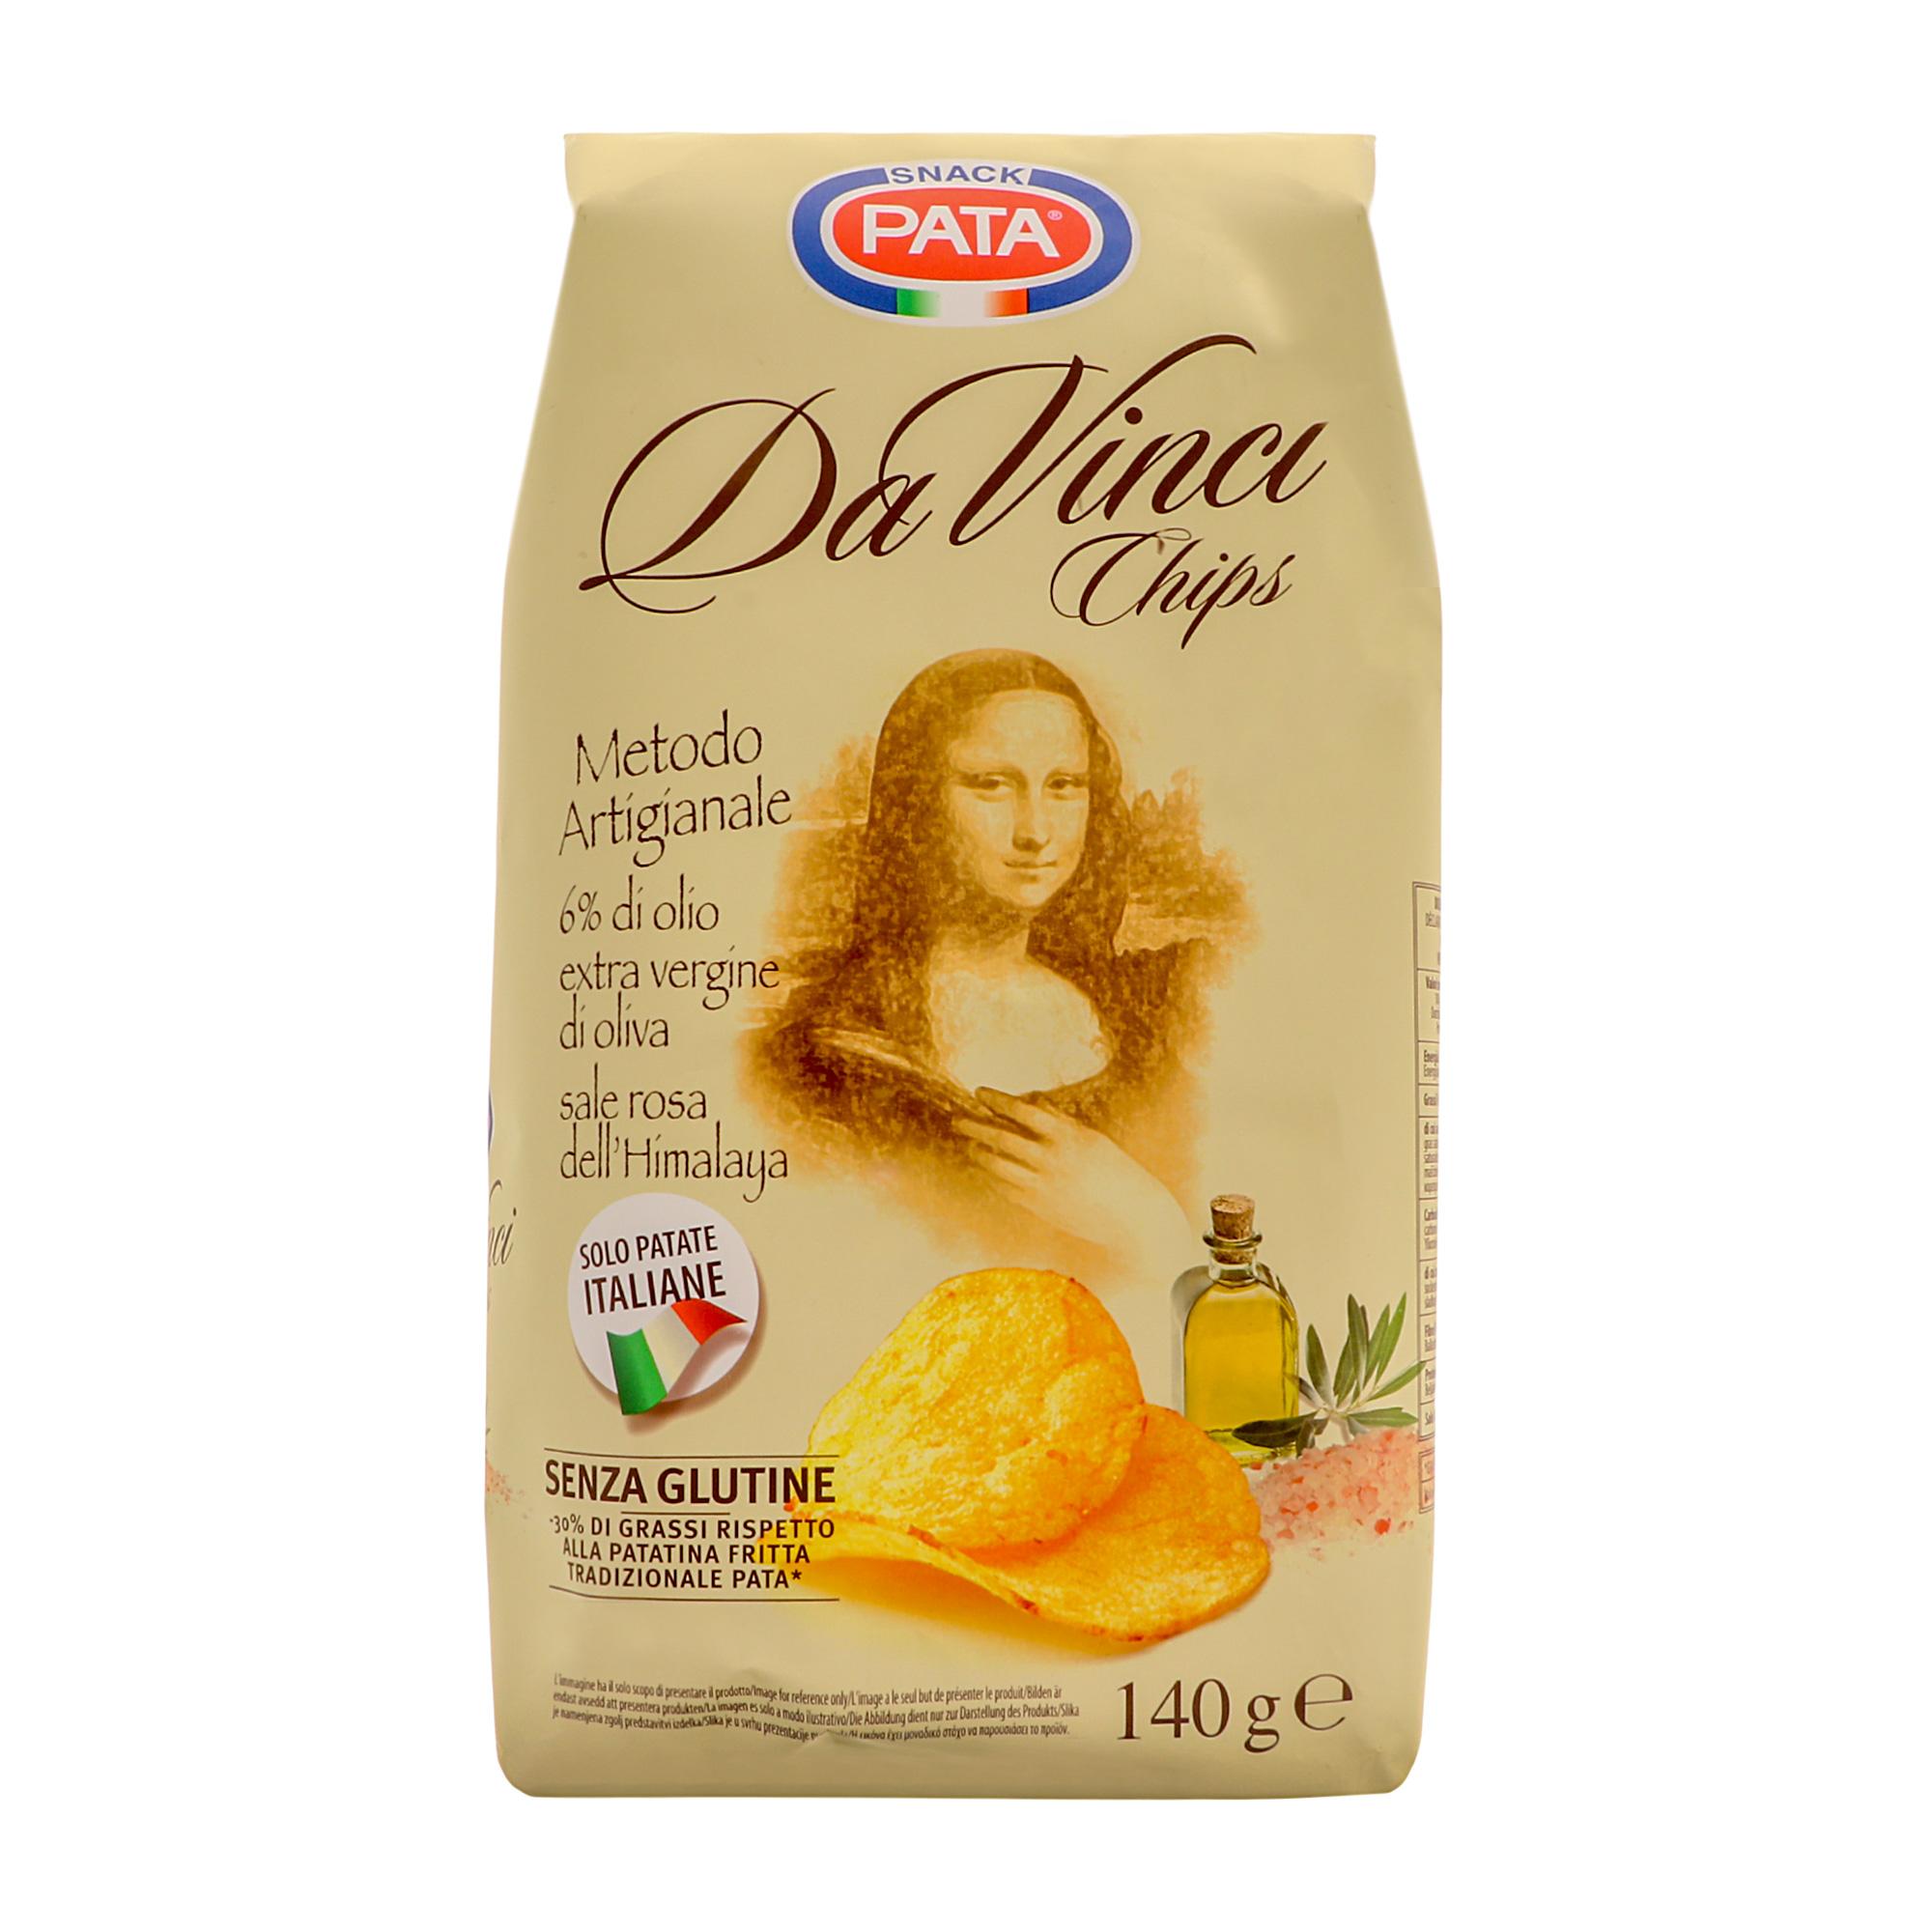 Чипсы картофельные Pata Da Vinci 140 г фото